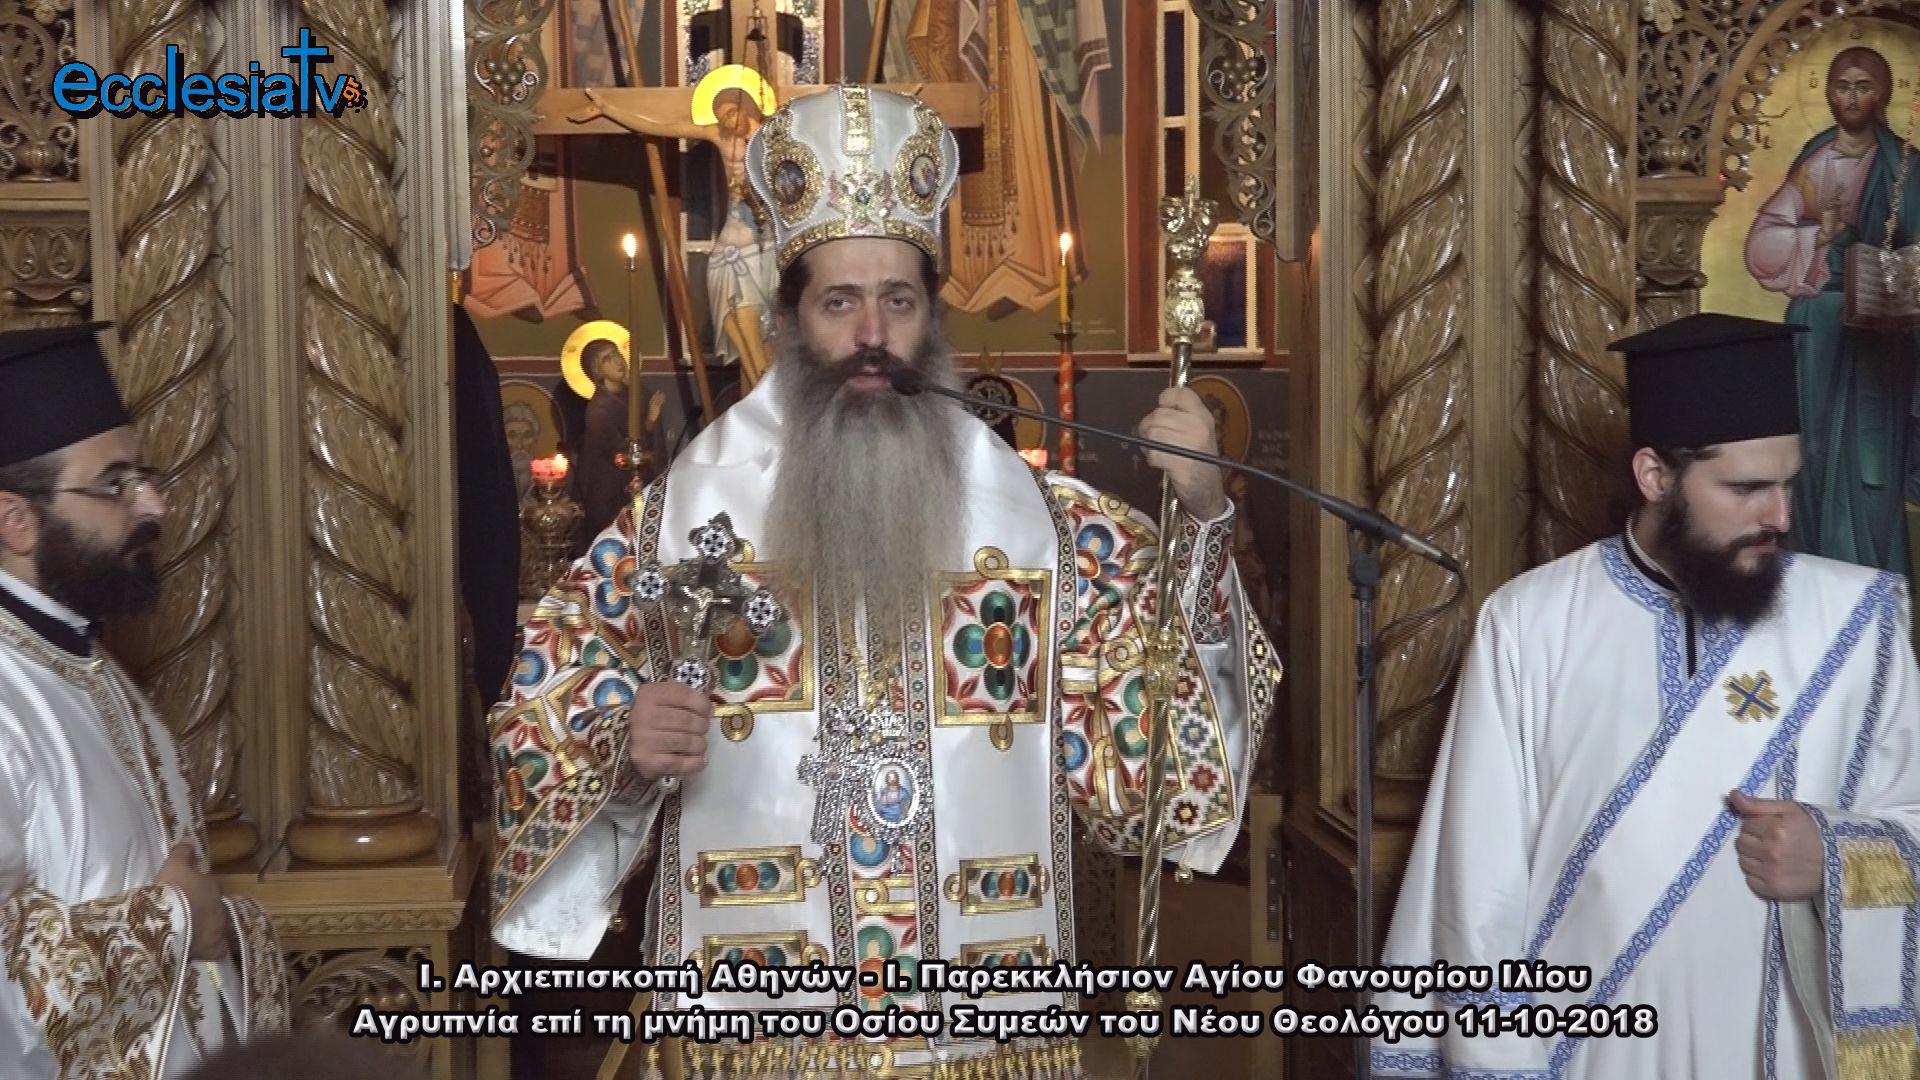 Ονομαστήρια Θεοφιλεστάτου Επισκόπου Θεσπιών κ. ΣΥΜΕΩΝ Πρωτοσυγκέλλου της Ιεράς Αρχιεπισκοπής Αθηνών